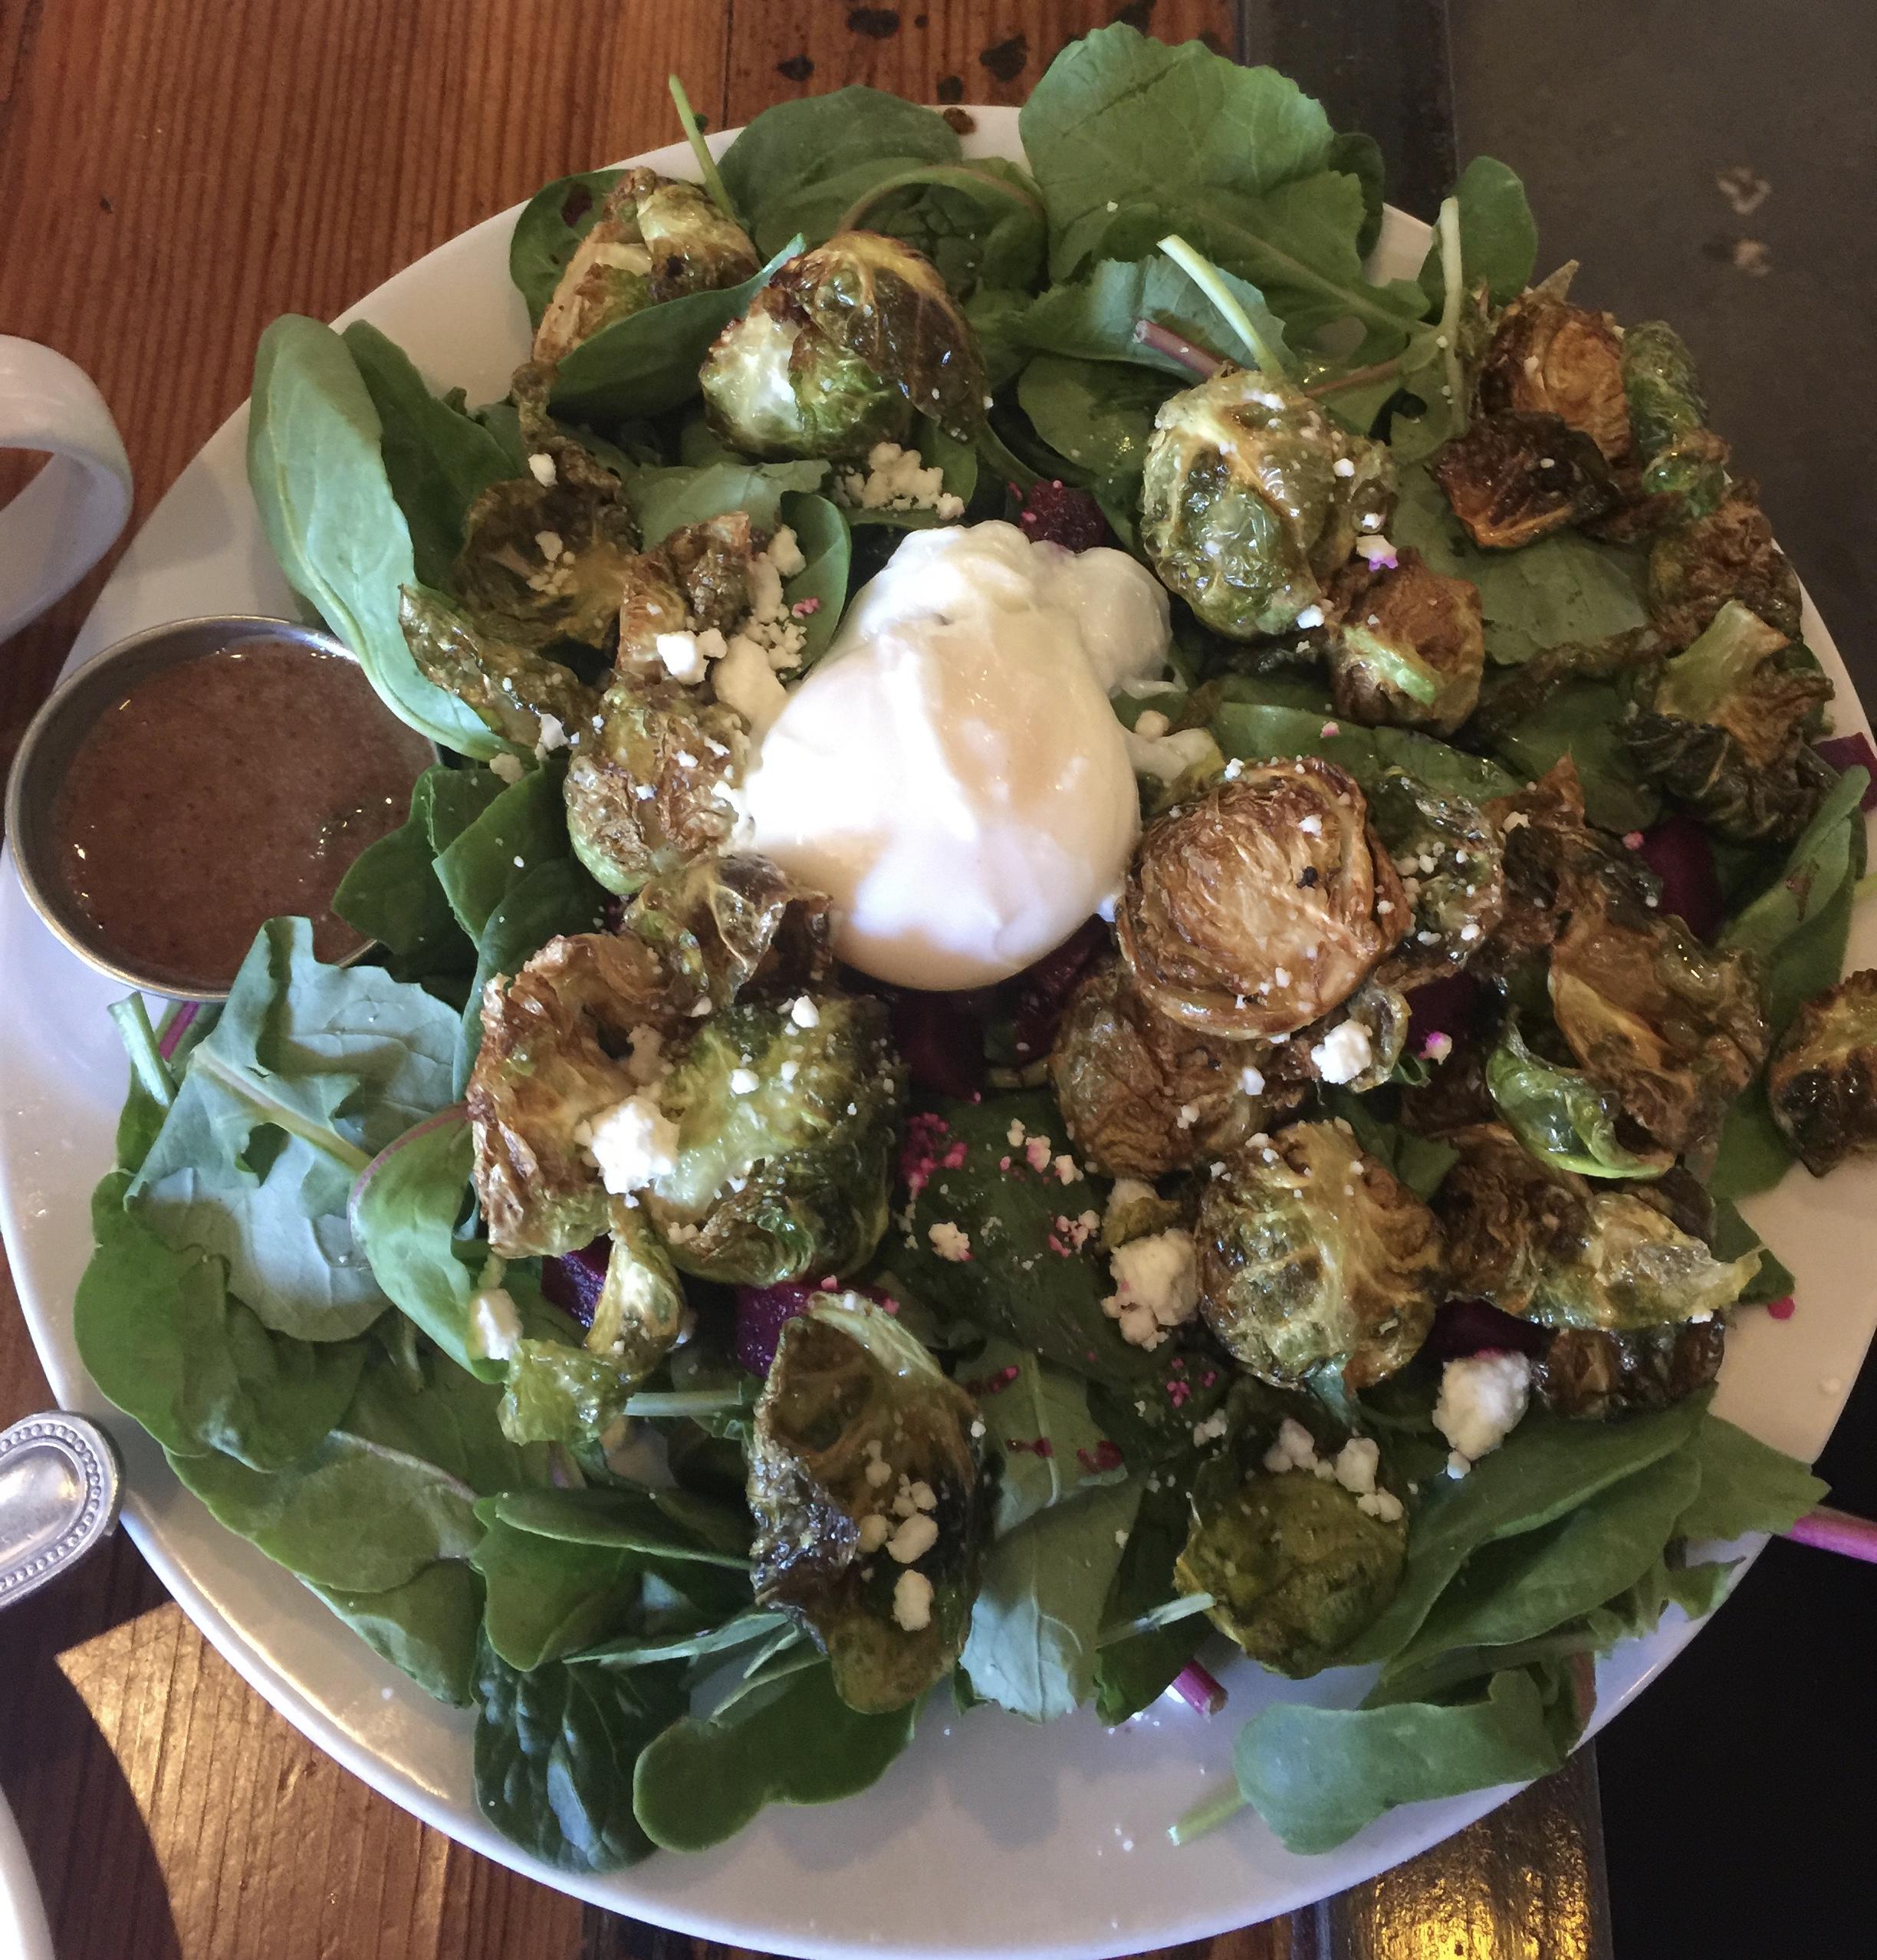 Blooming Beets - warm salad